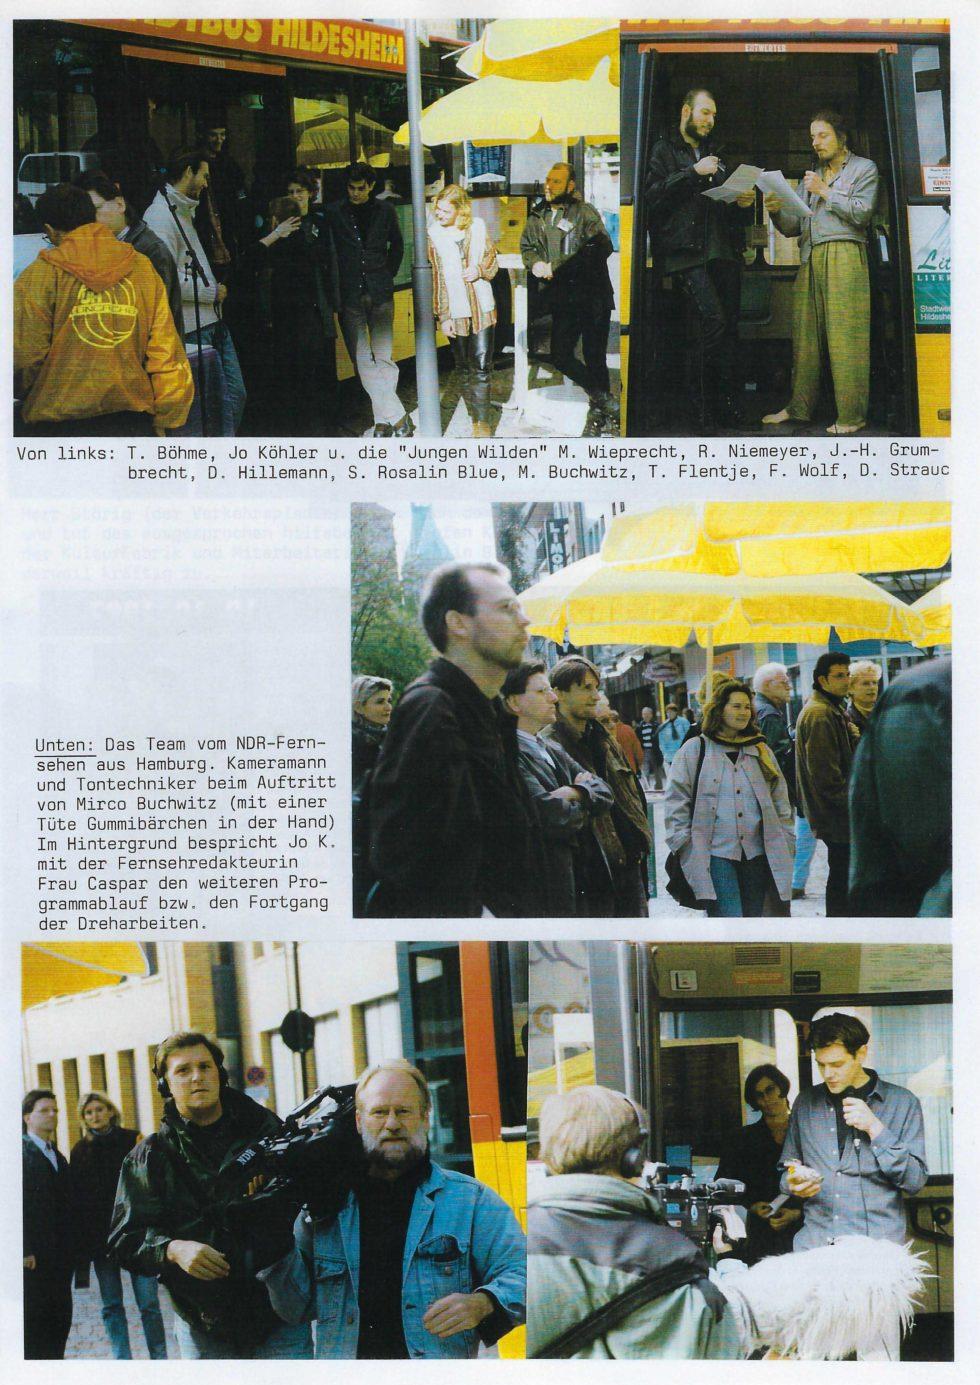 1997 Stift.Lesen, Lit.Tour, Lasker-Wallfisch_Seite_64